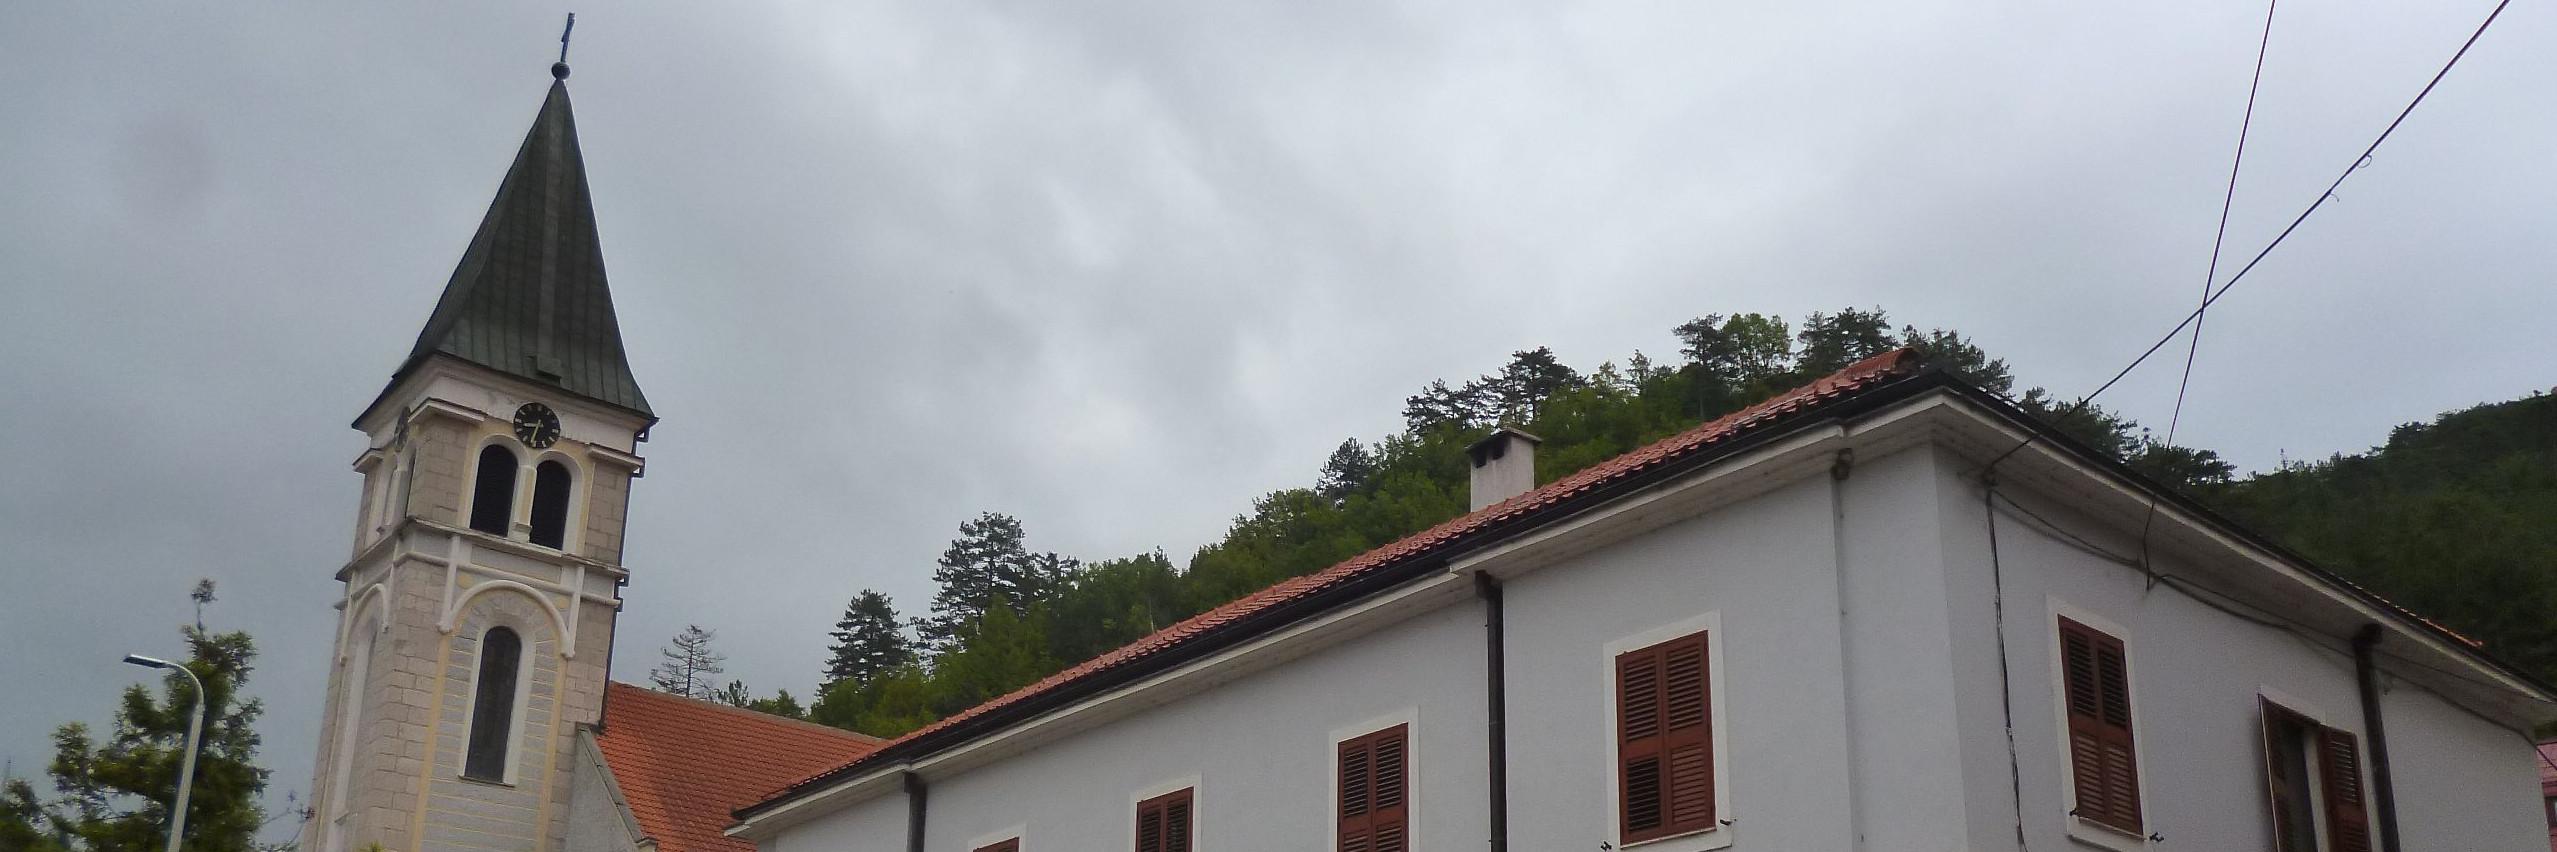 Монастырь св. Иоанна Крестителя в Конице